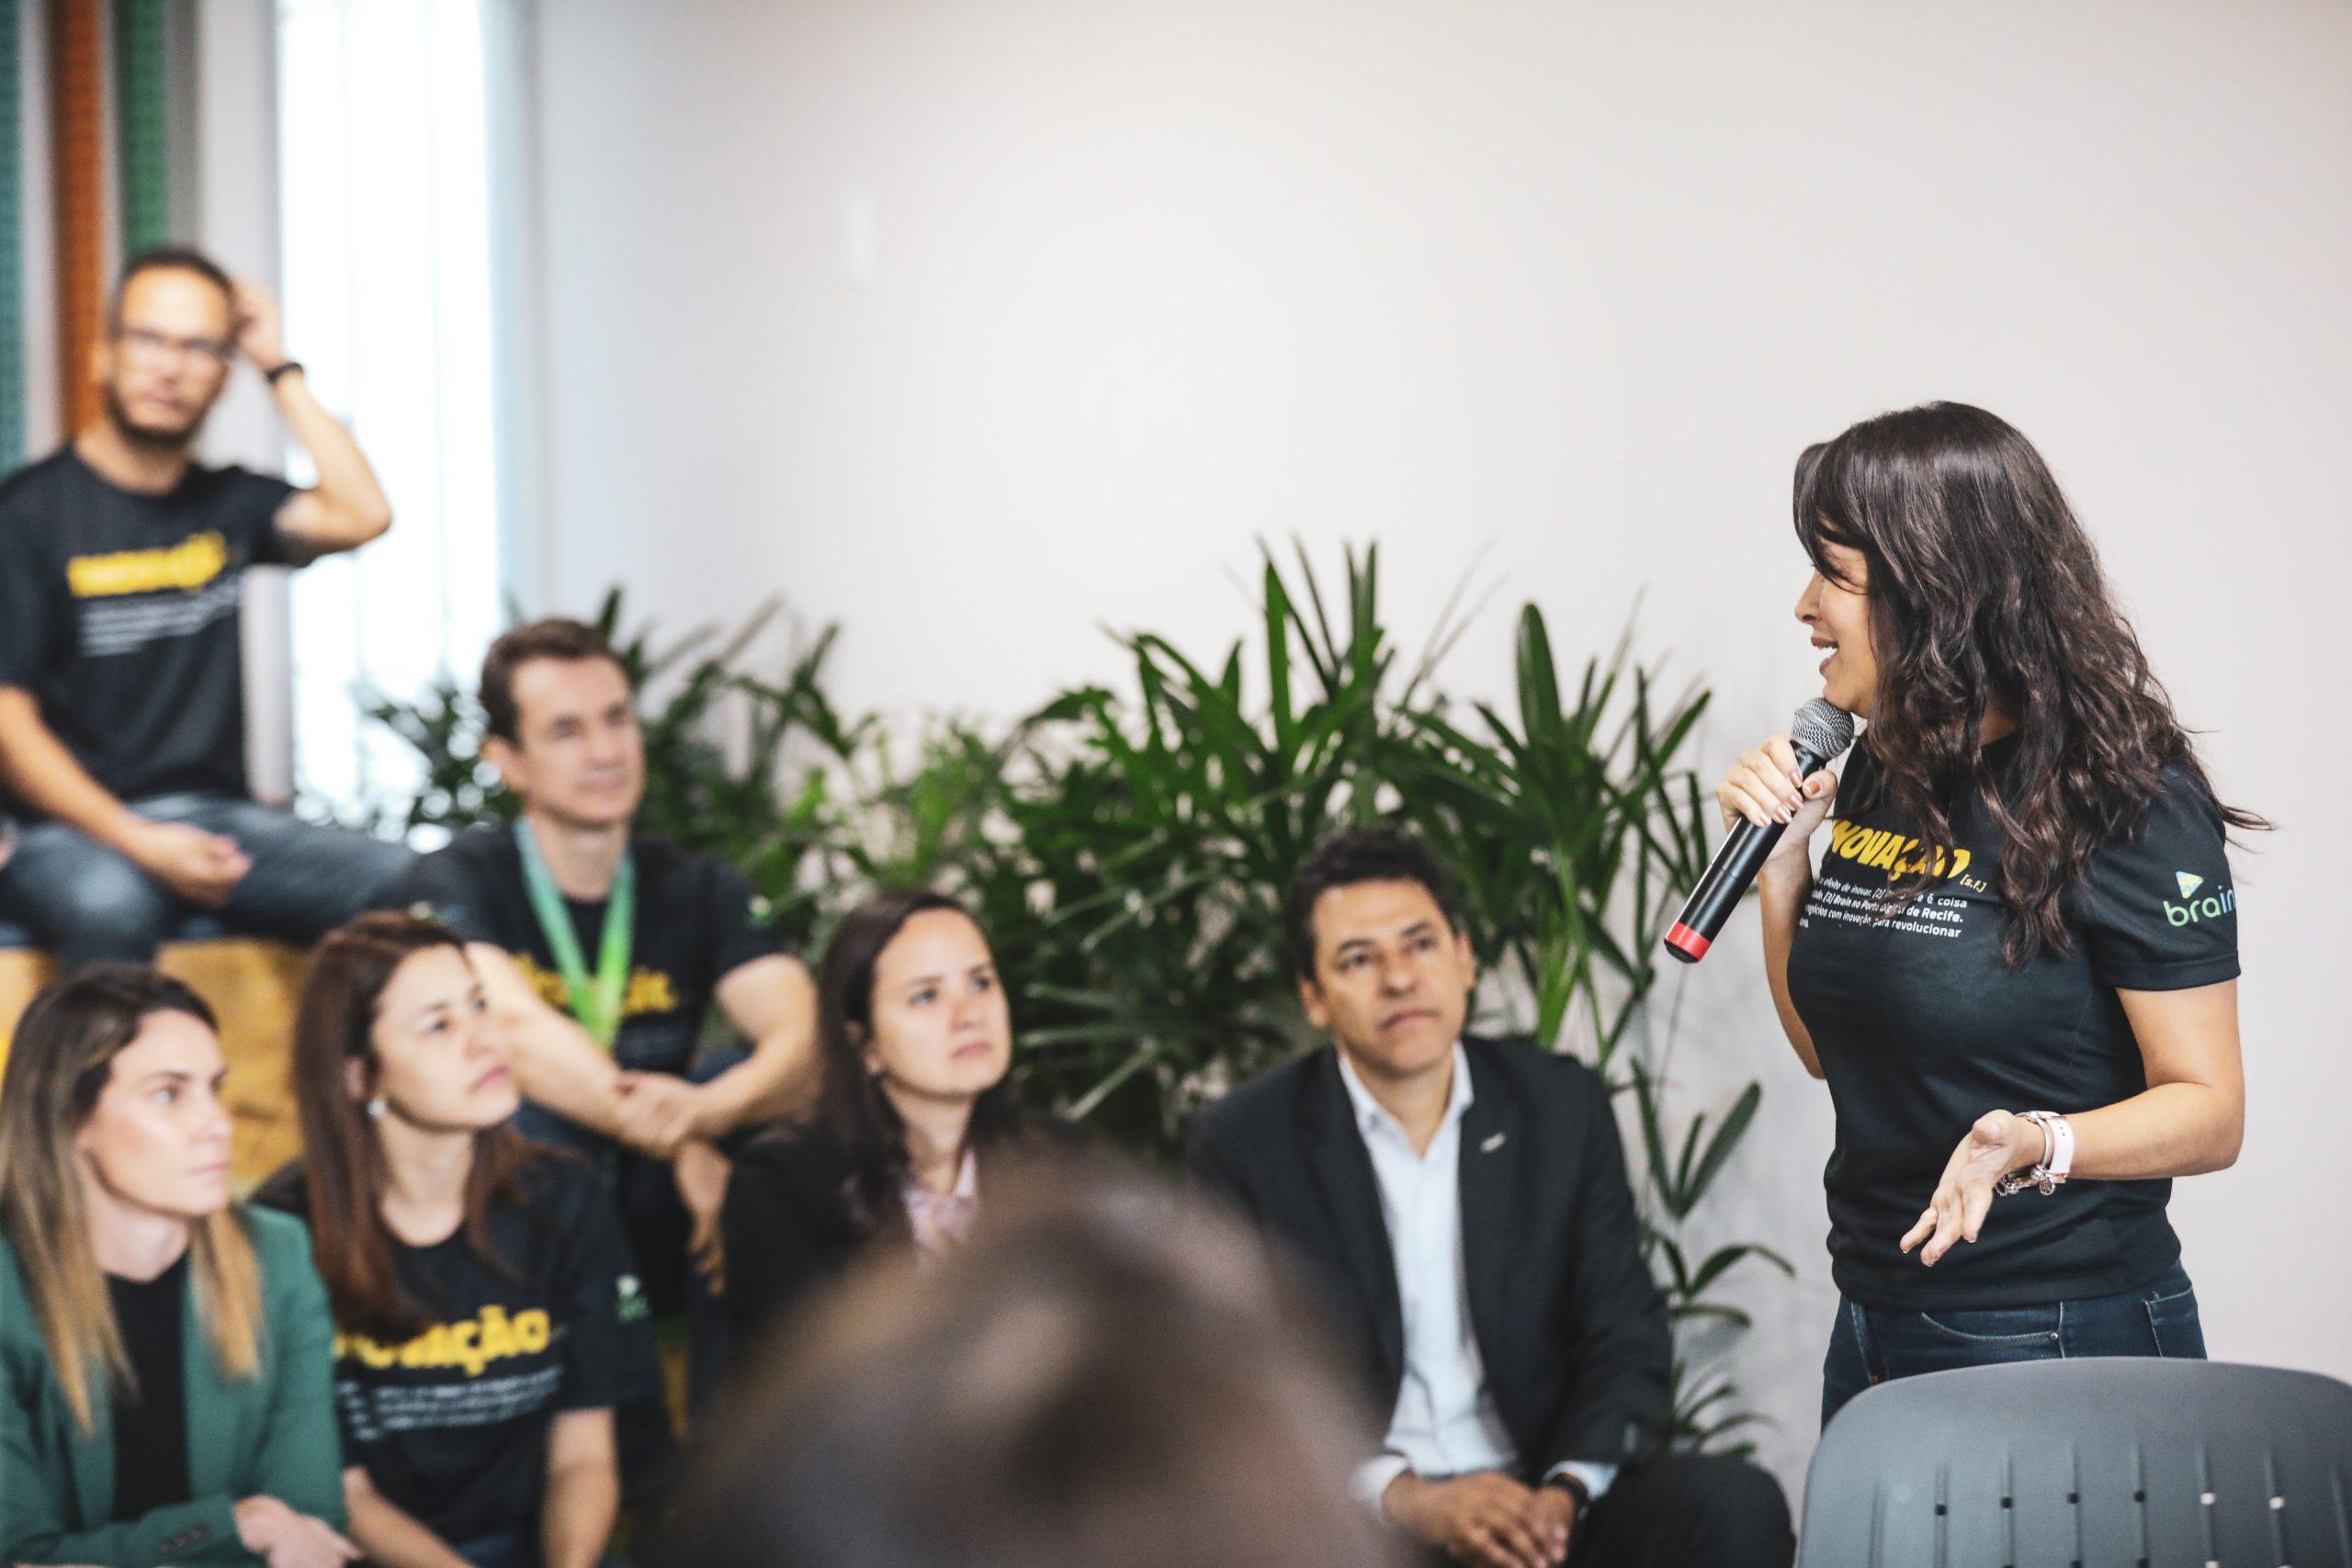 Foto da Zaima, Presidente do Brain, durante uma palestra.